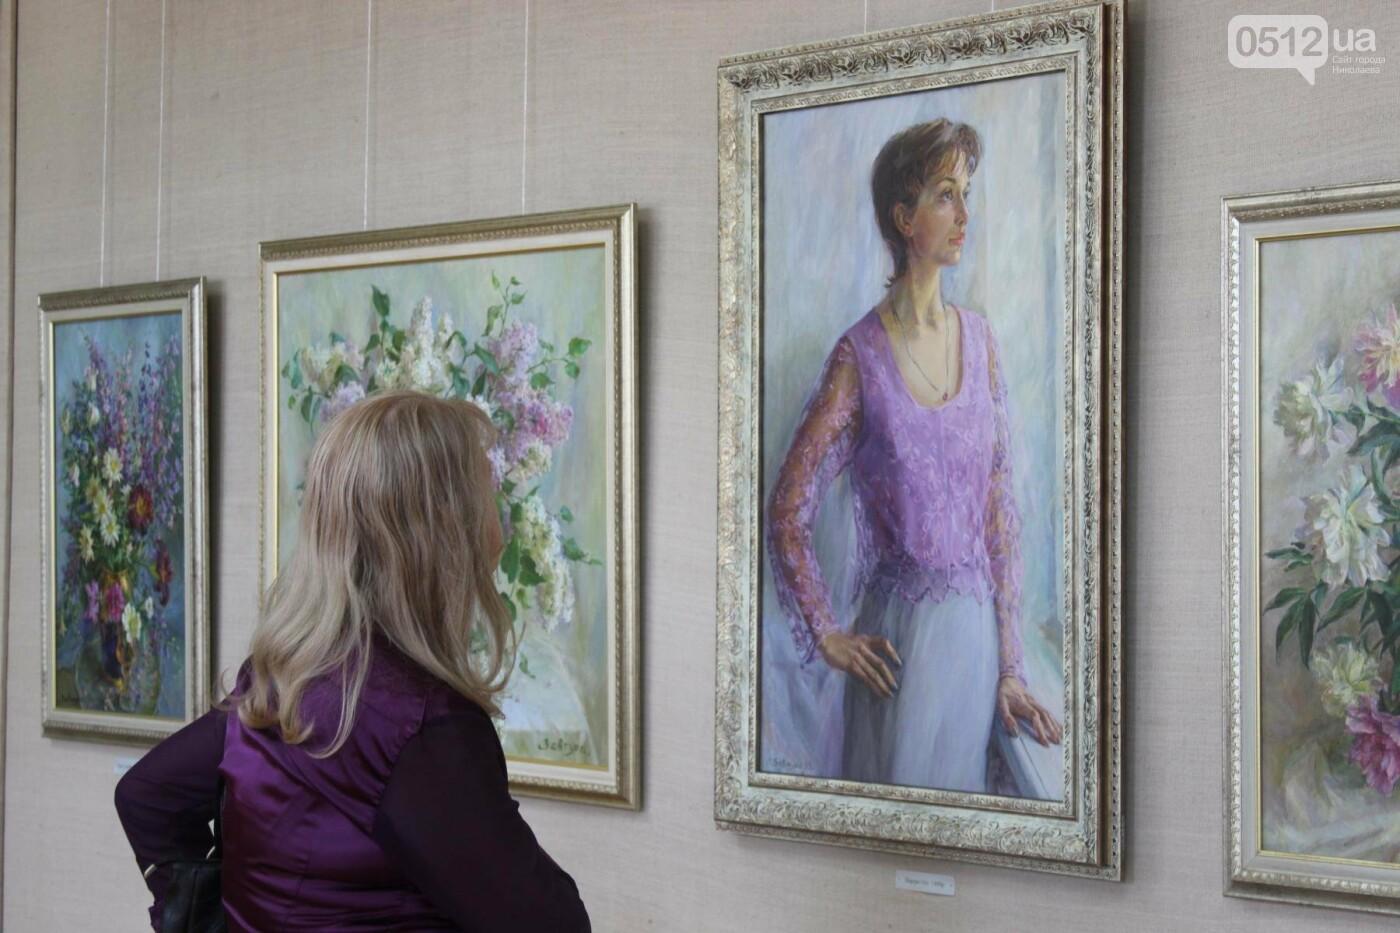 Николаевская художница Светлана Завтура презентовала свою юбилейную выставку, - ФОТО, фото-15